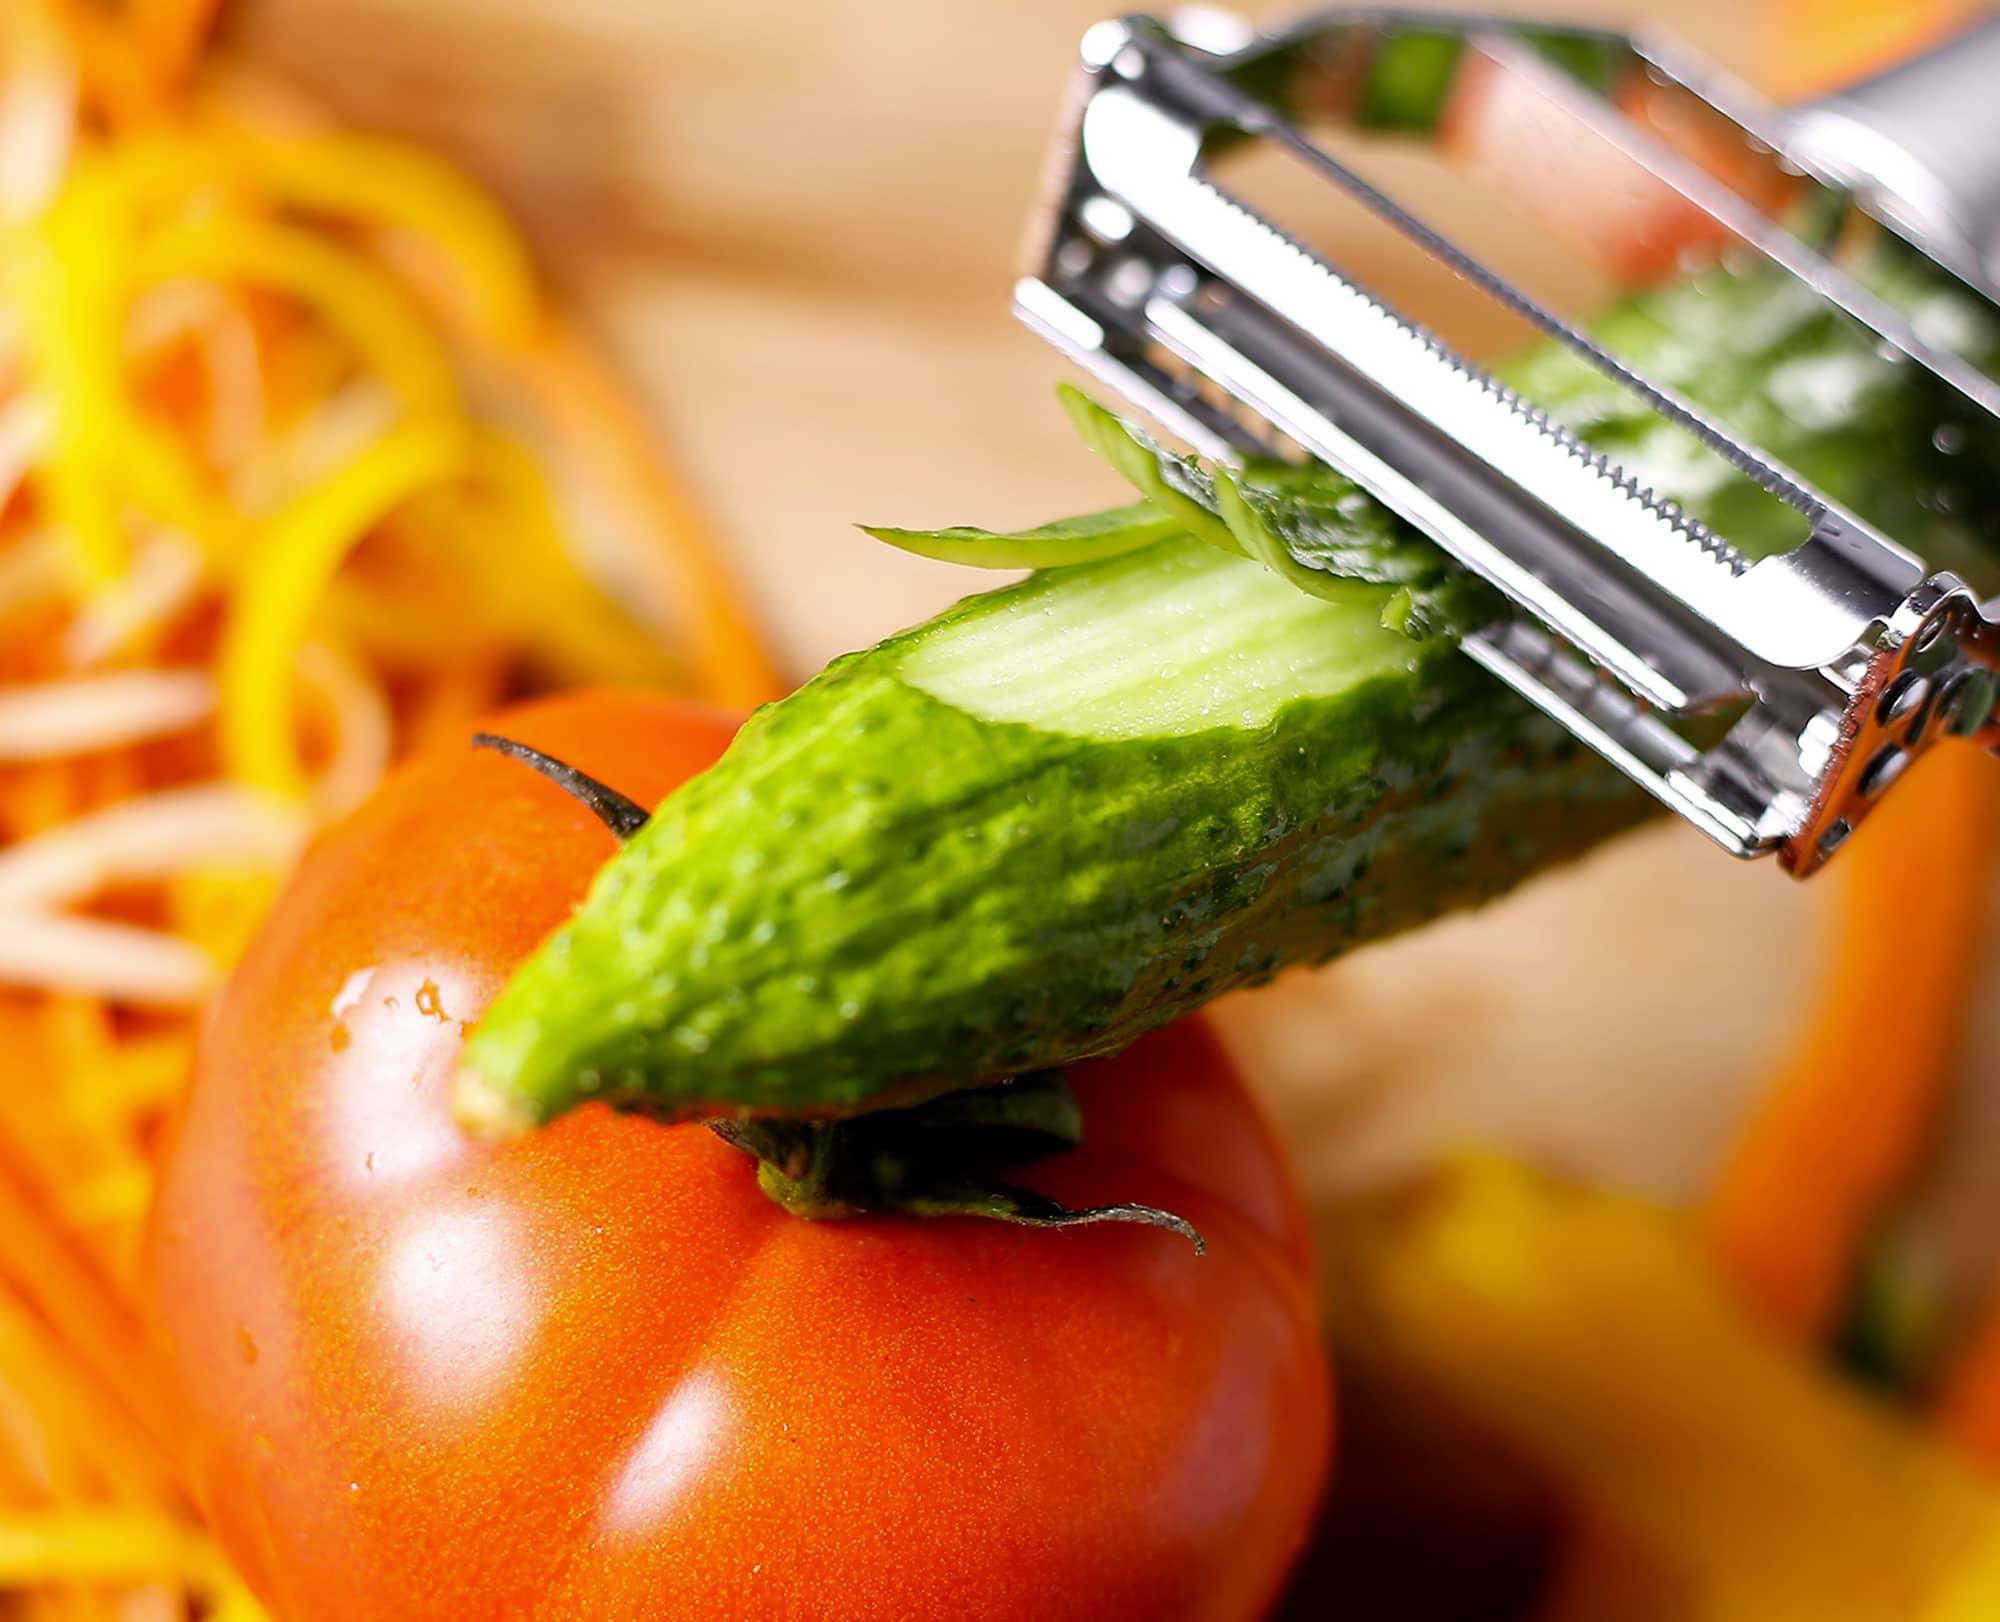 Using Benchusch double blade peeler to julienne cucumber